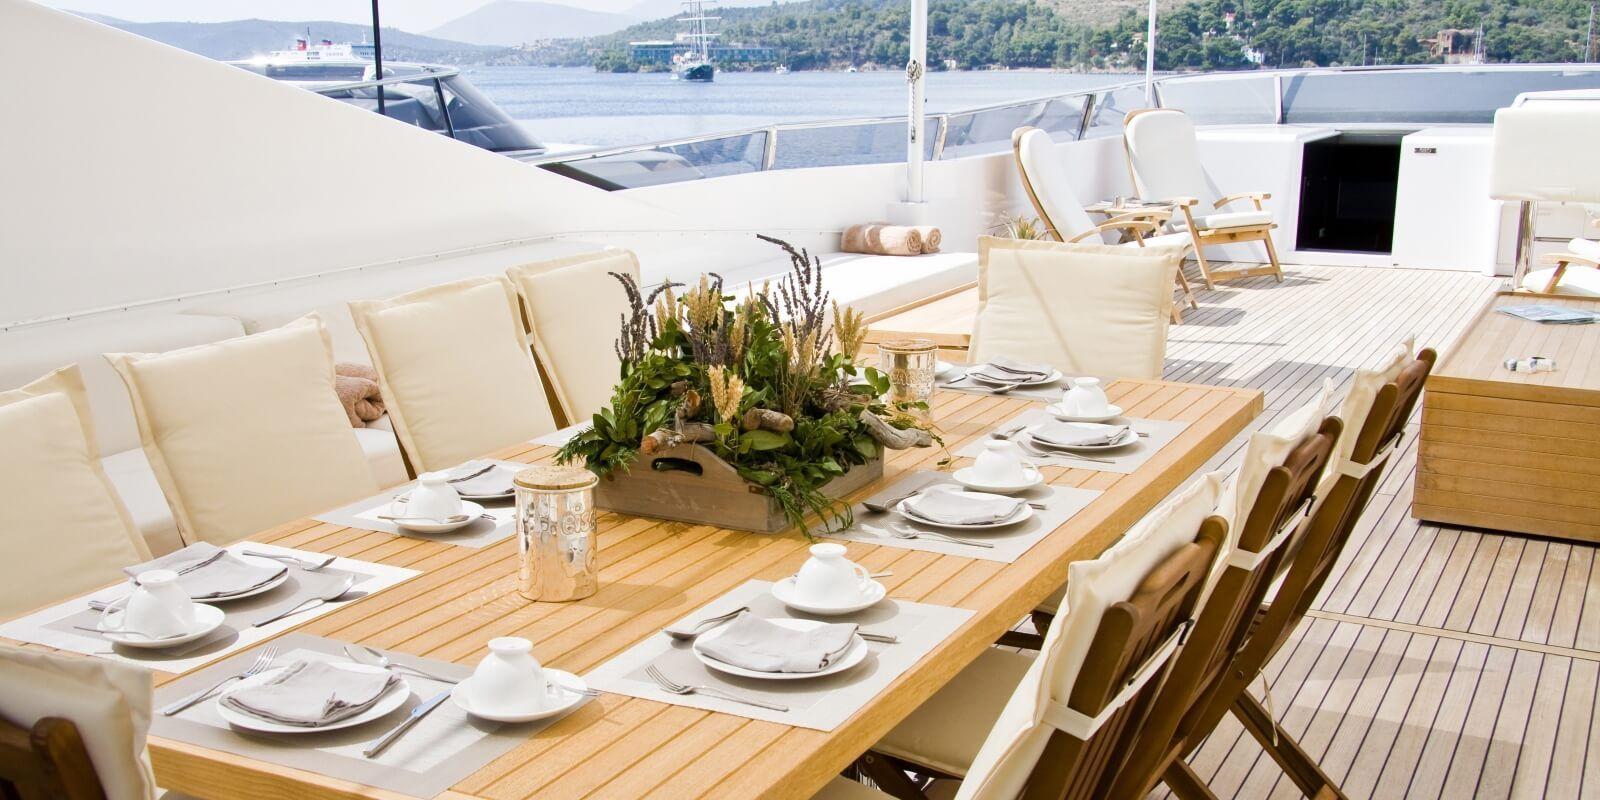 https://www.talamare.fr/medias/Une table dressée pour un déjeuner d'affaires lors d'un événement d'entreprise à bord d'un yacht de location